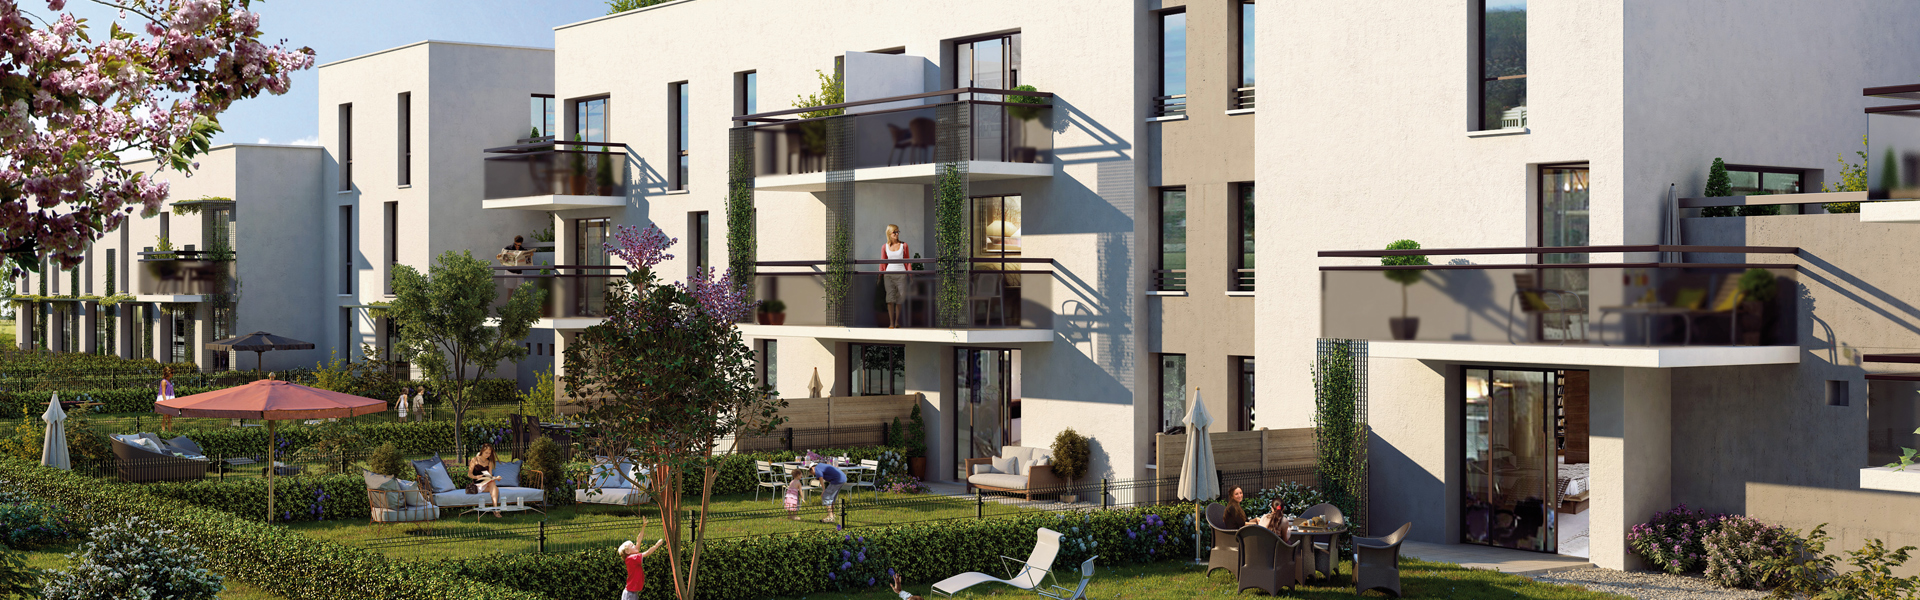 NOUVEAU � Toulouse : Les Coteaux de Pech David